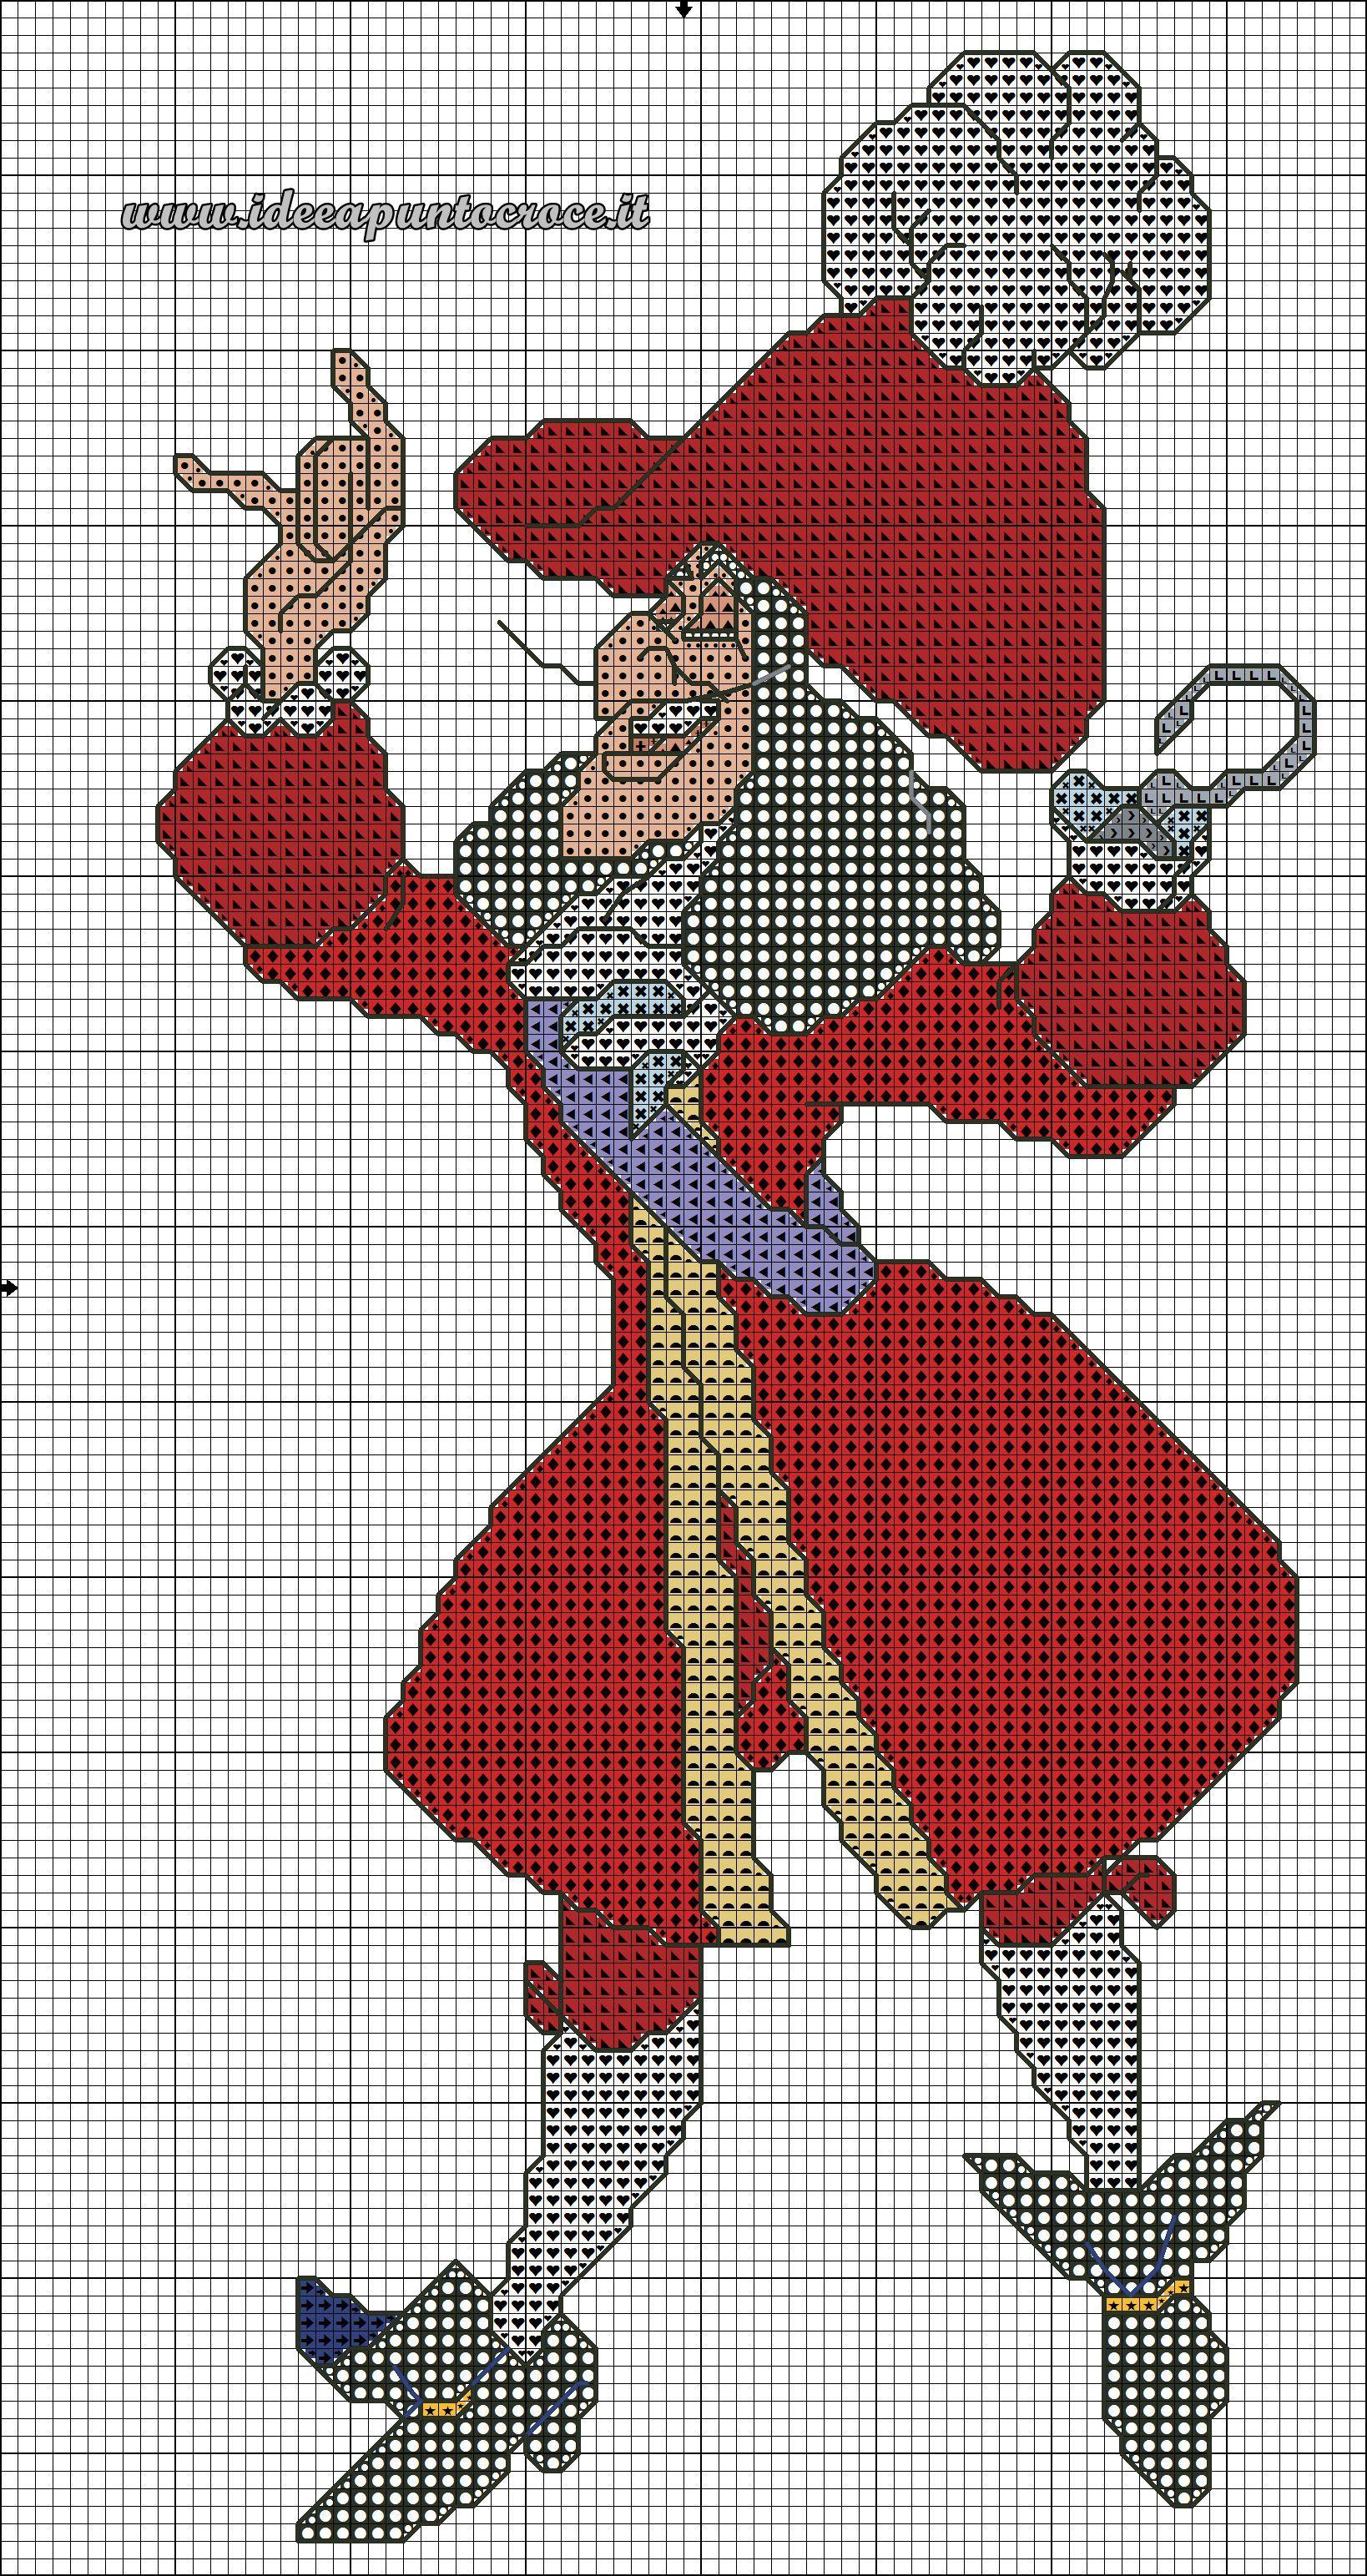 classic cross stitch схема